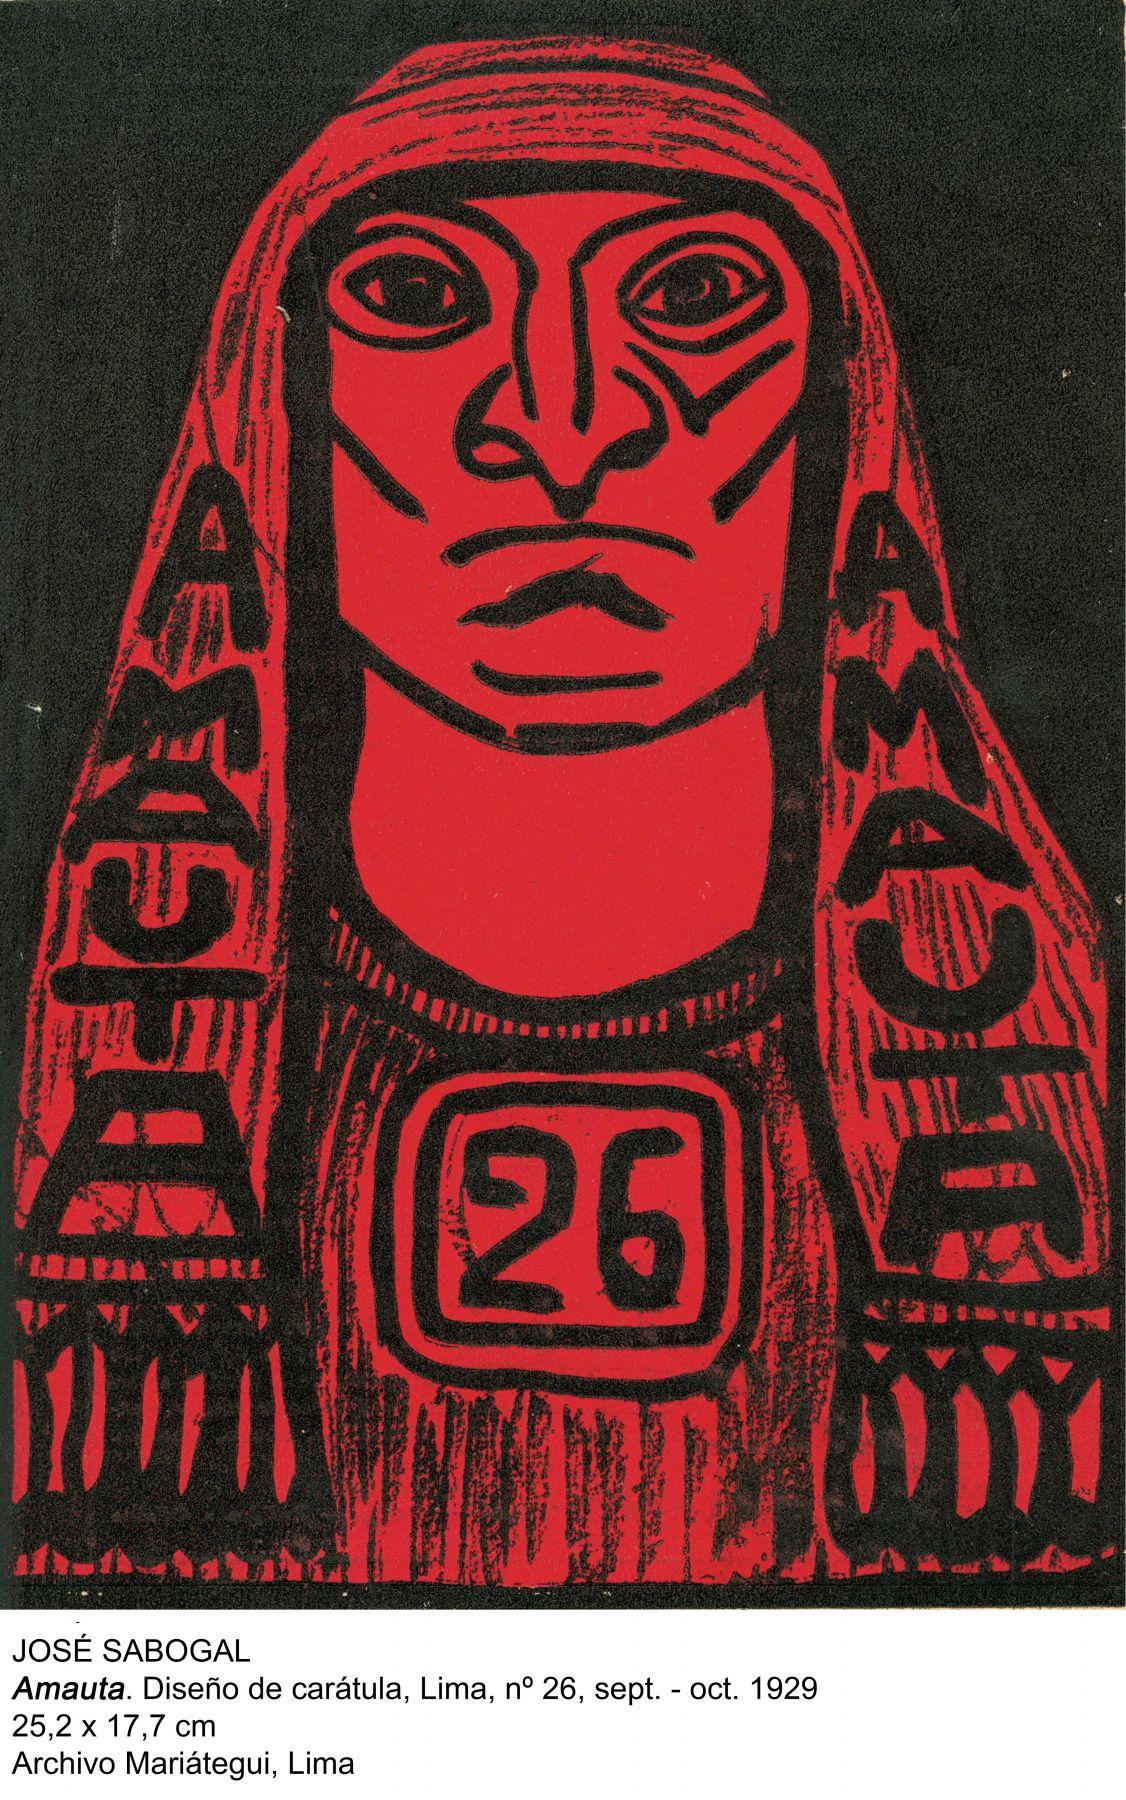 Amauta. Diseño de carátula, Lima n. 26 sept-oct 1929